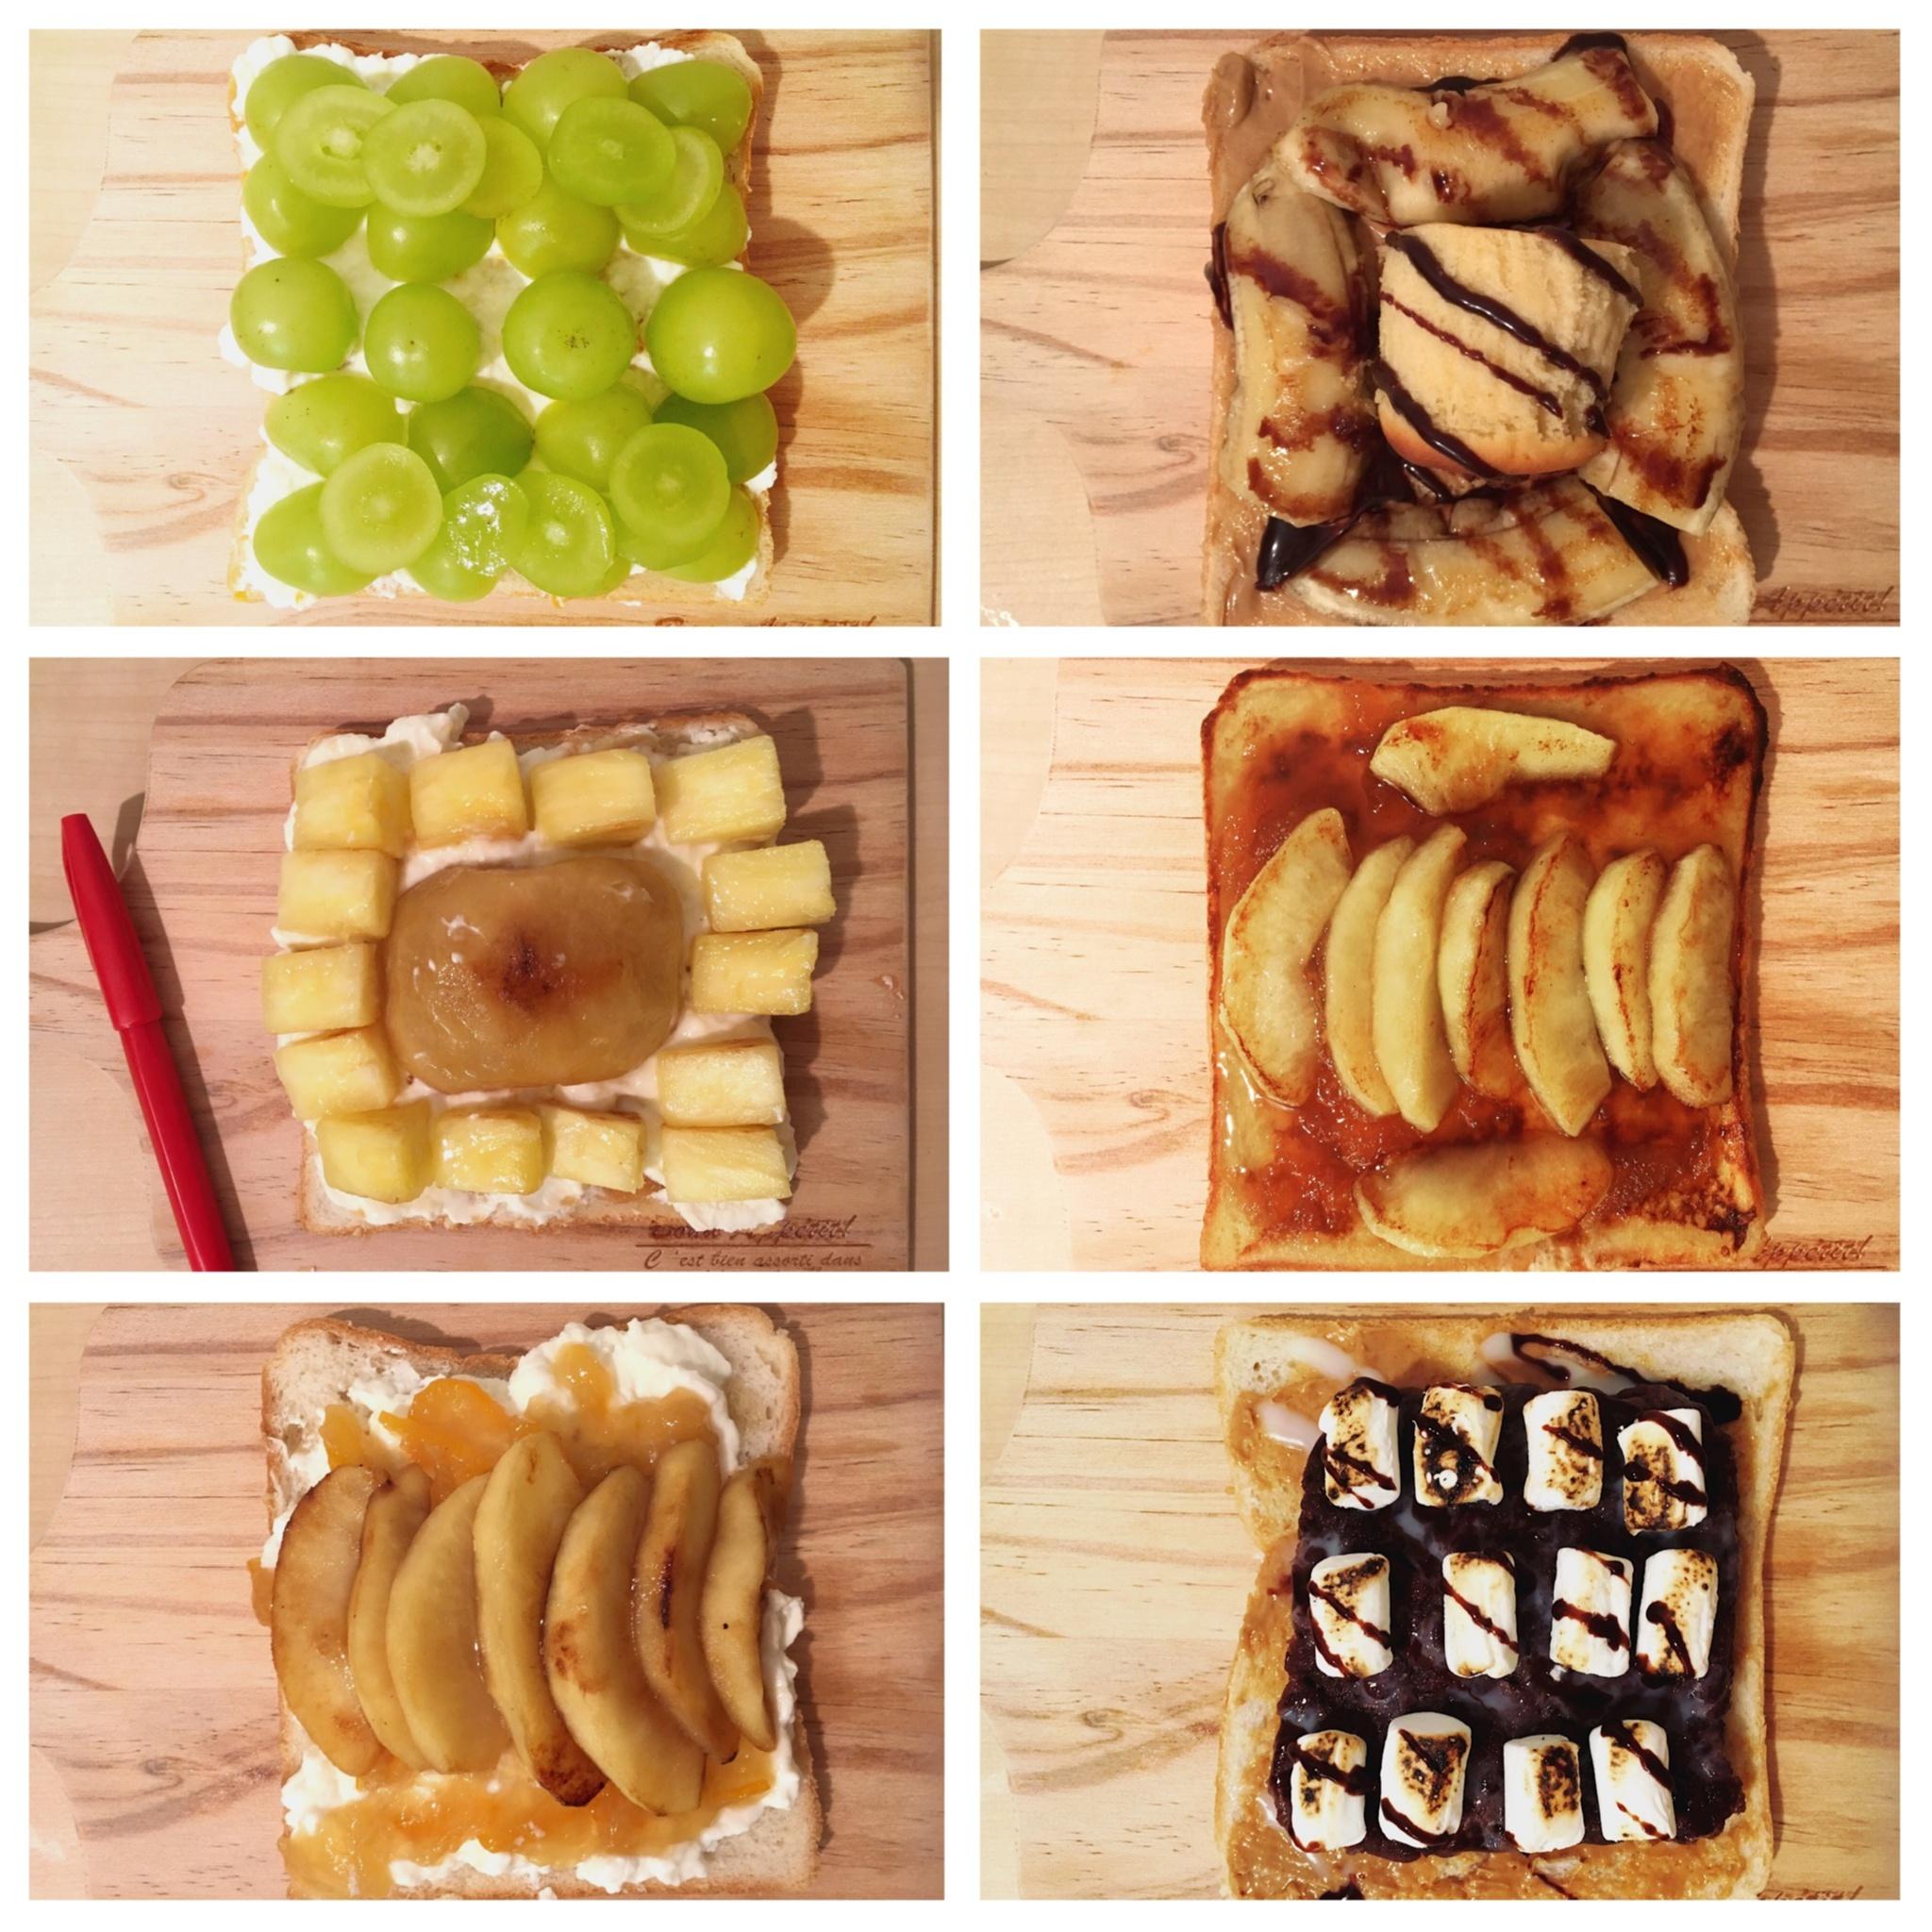 【女子力UP】見た目もかわいく♡朝から気分もあがる朝ごパンはいかがですか?☺︎-はる飯-_1